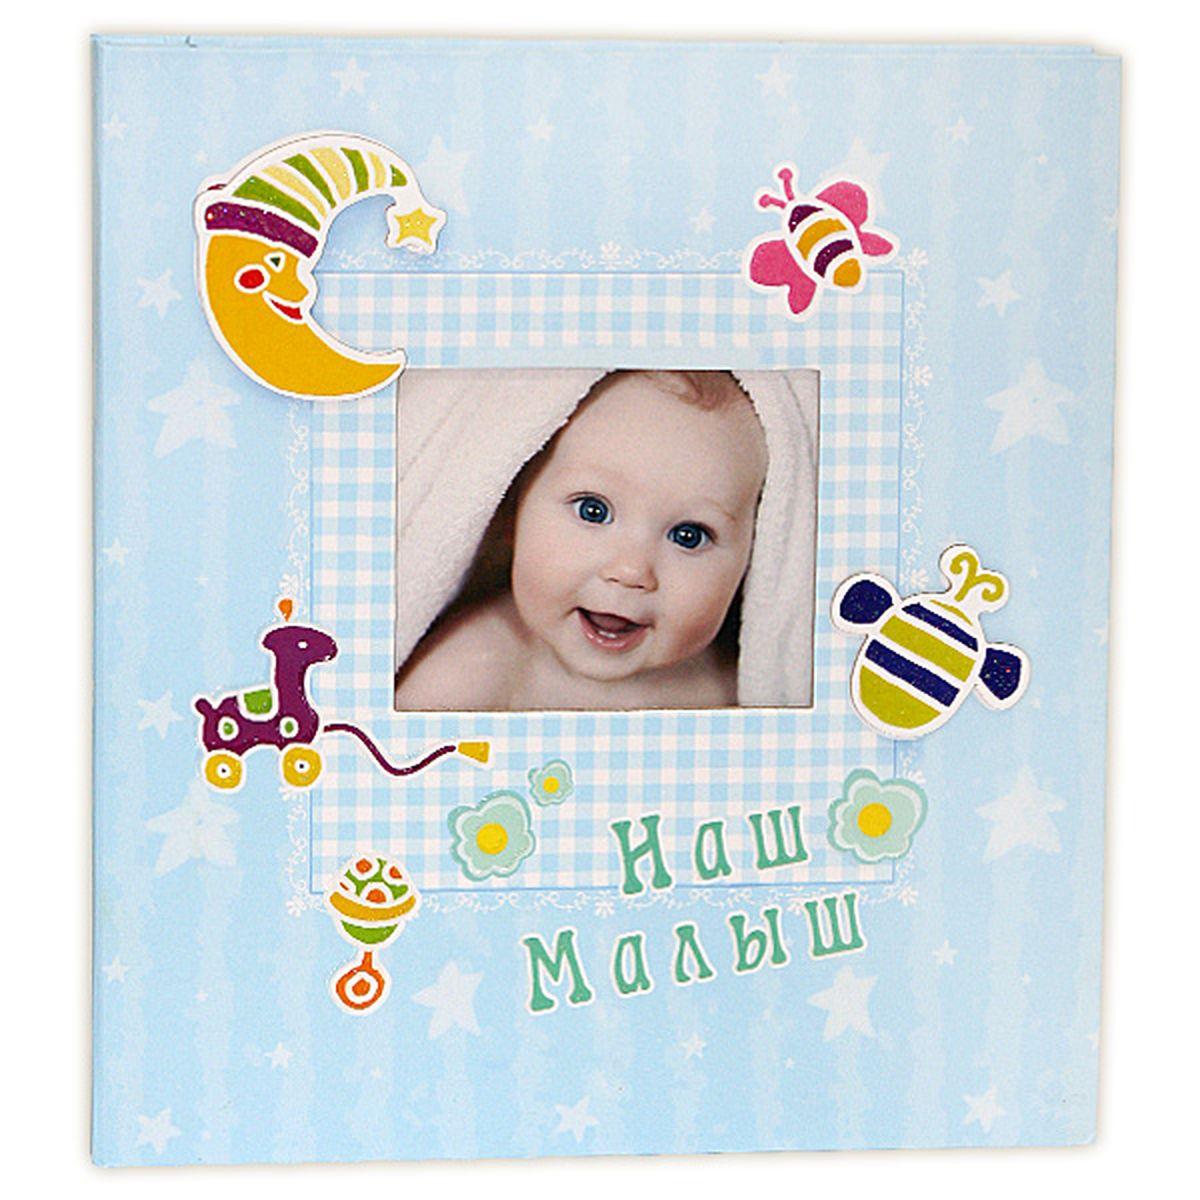 Фотокнига Pioneer Our Baby 6, цвет: голубой, 26 x 28 см46417 FAРазмер фотографий: 26x28 см. Цвет: голубой.